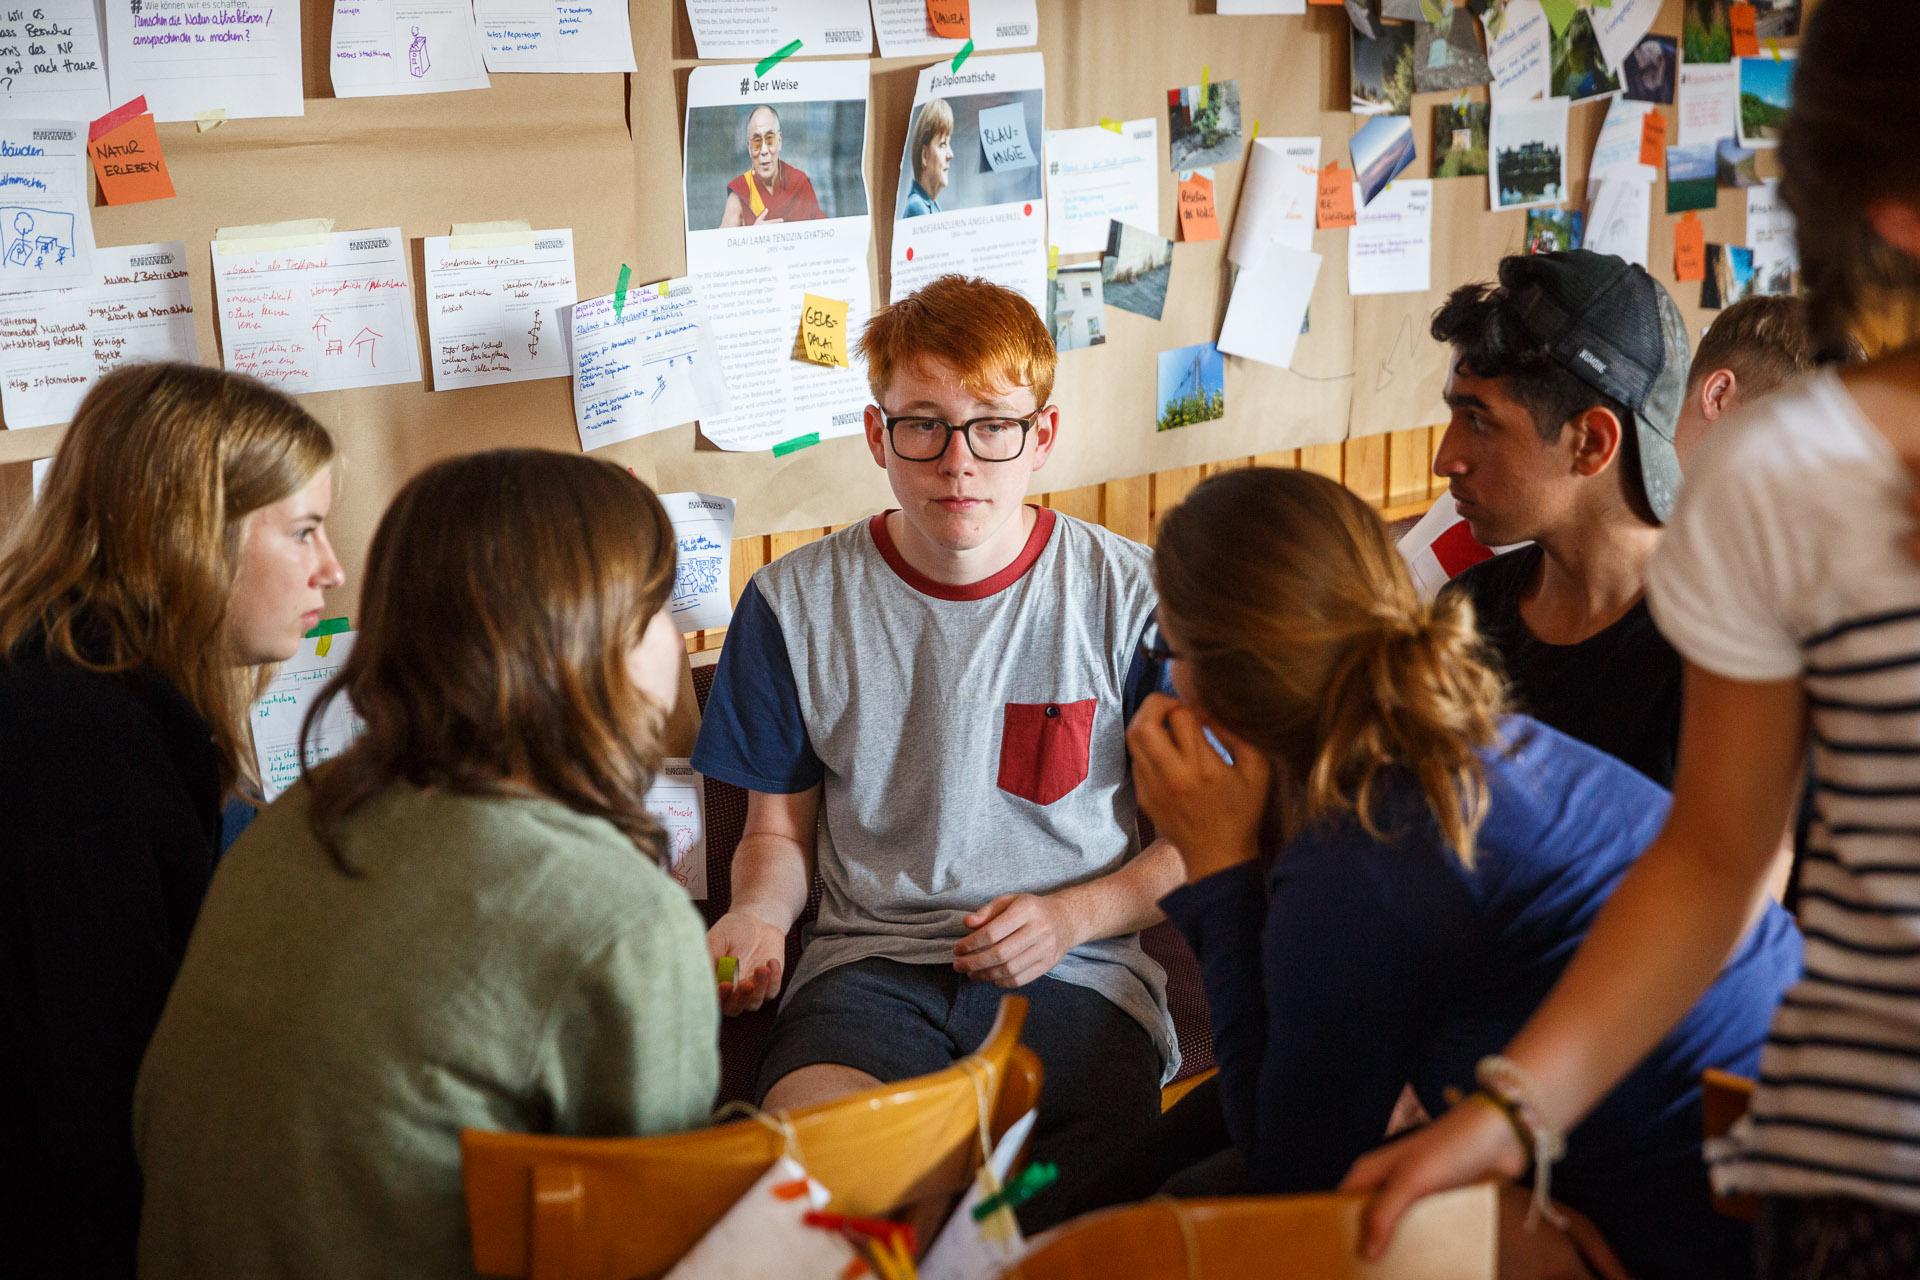 Anhand der Themen, die in den letzten Tagen diskutiert wurden, entwickeln die Teilnehmer in Kleingruppen Projektideen.